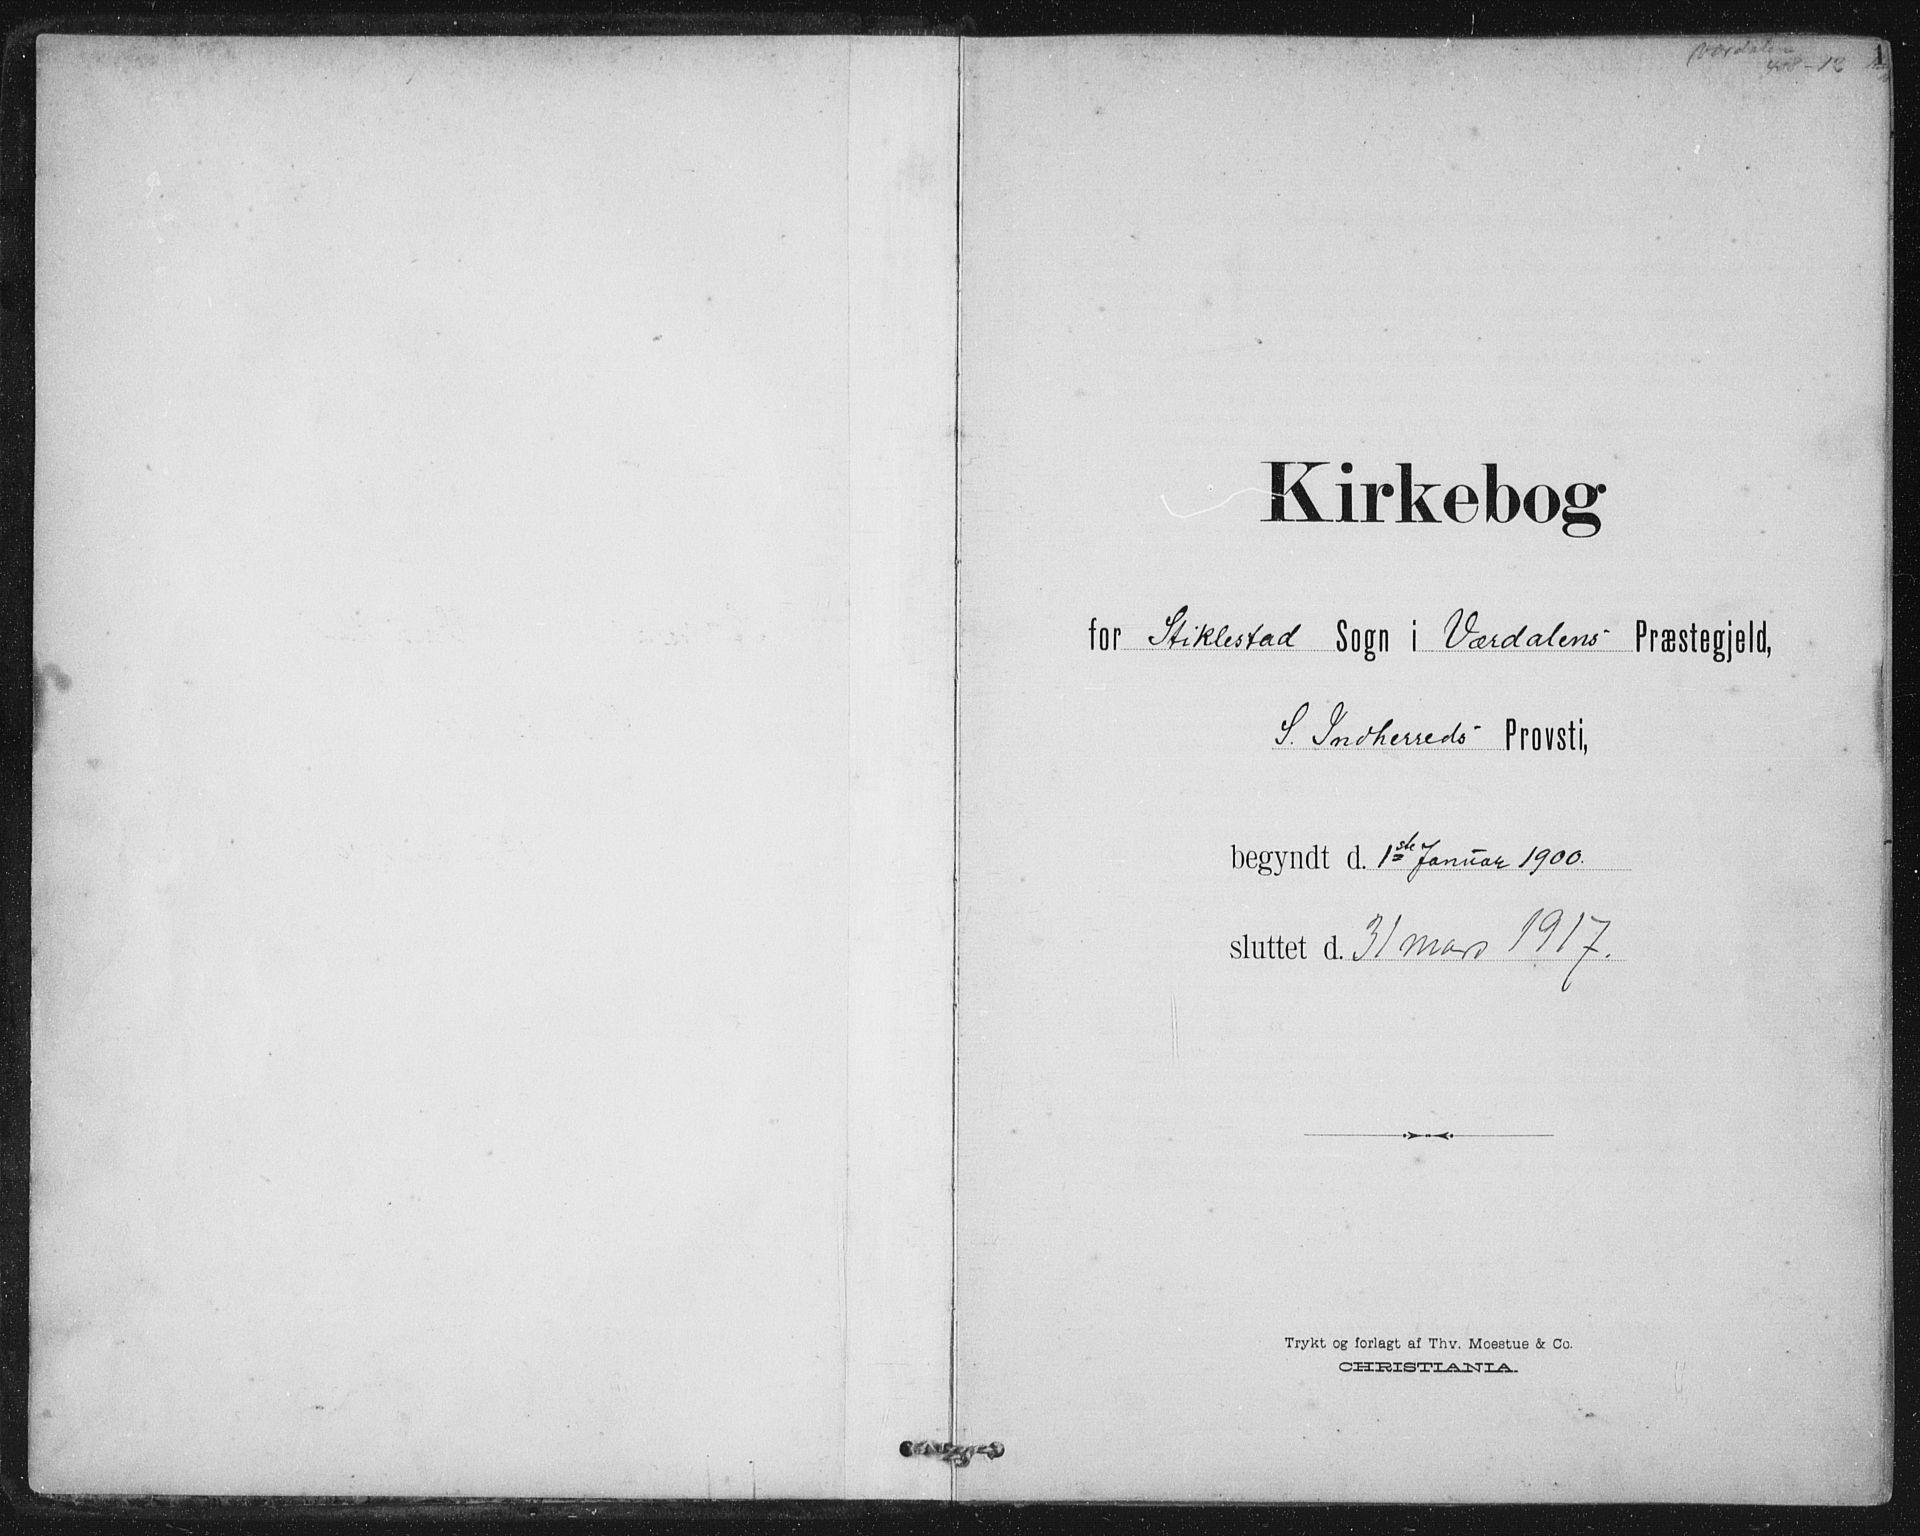 SAT, Ministerialprotokoller, klokkerbøker og fødselsregistre - Nord-Trøndelag, 723/L0246: Ministerialbok nr. 723A15, 1900-1917, s. 1